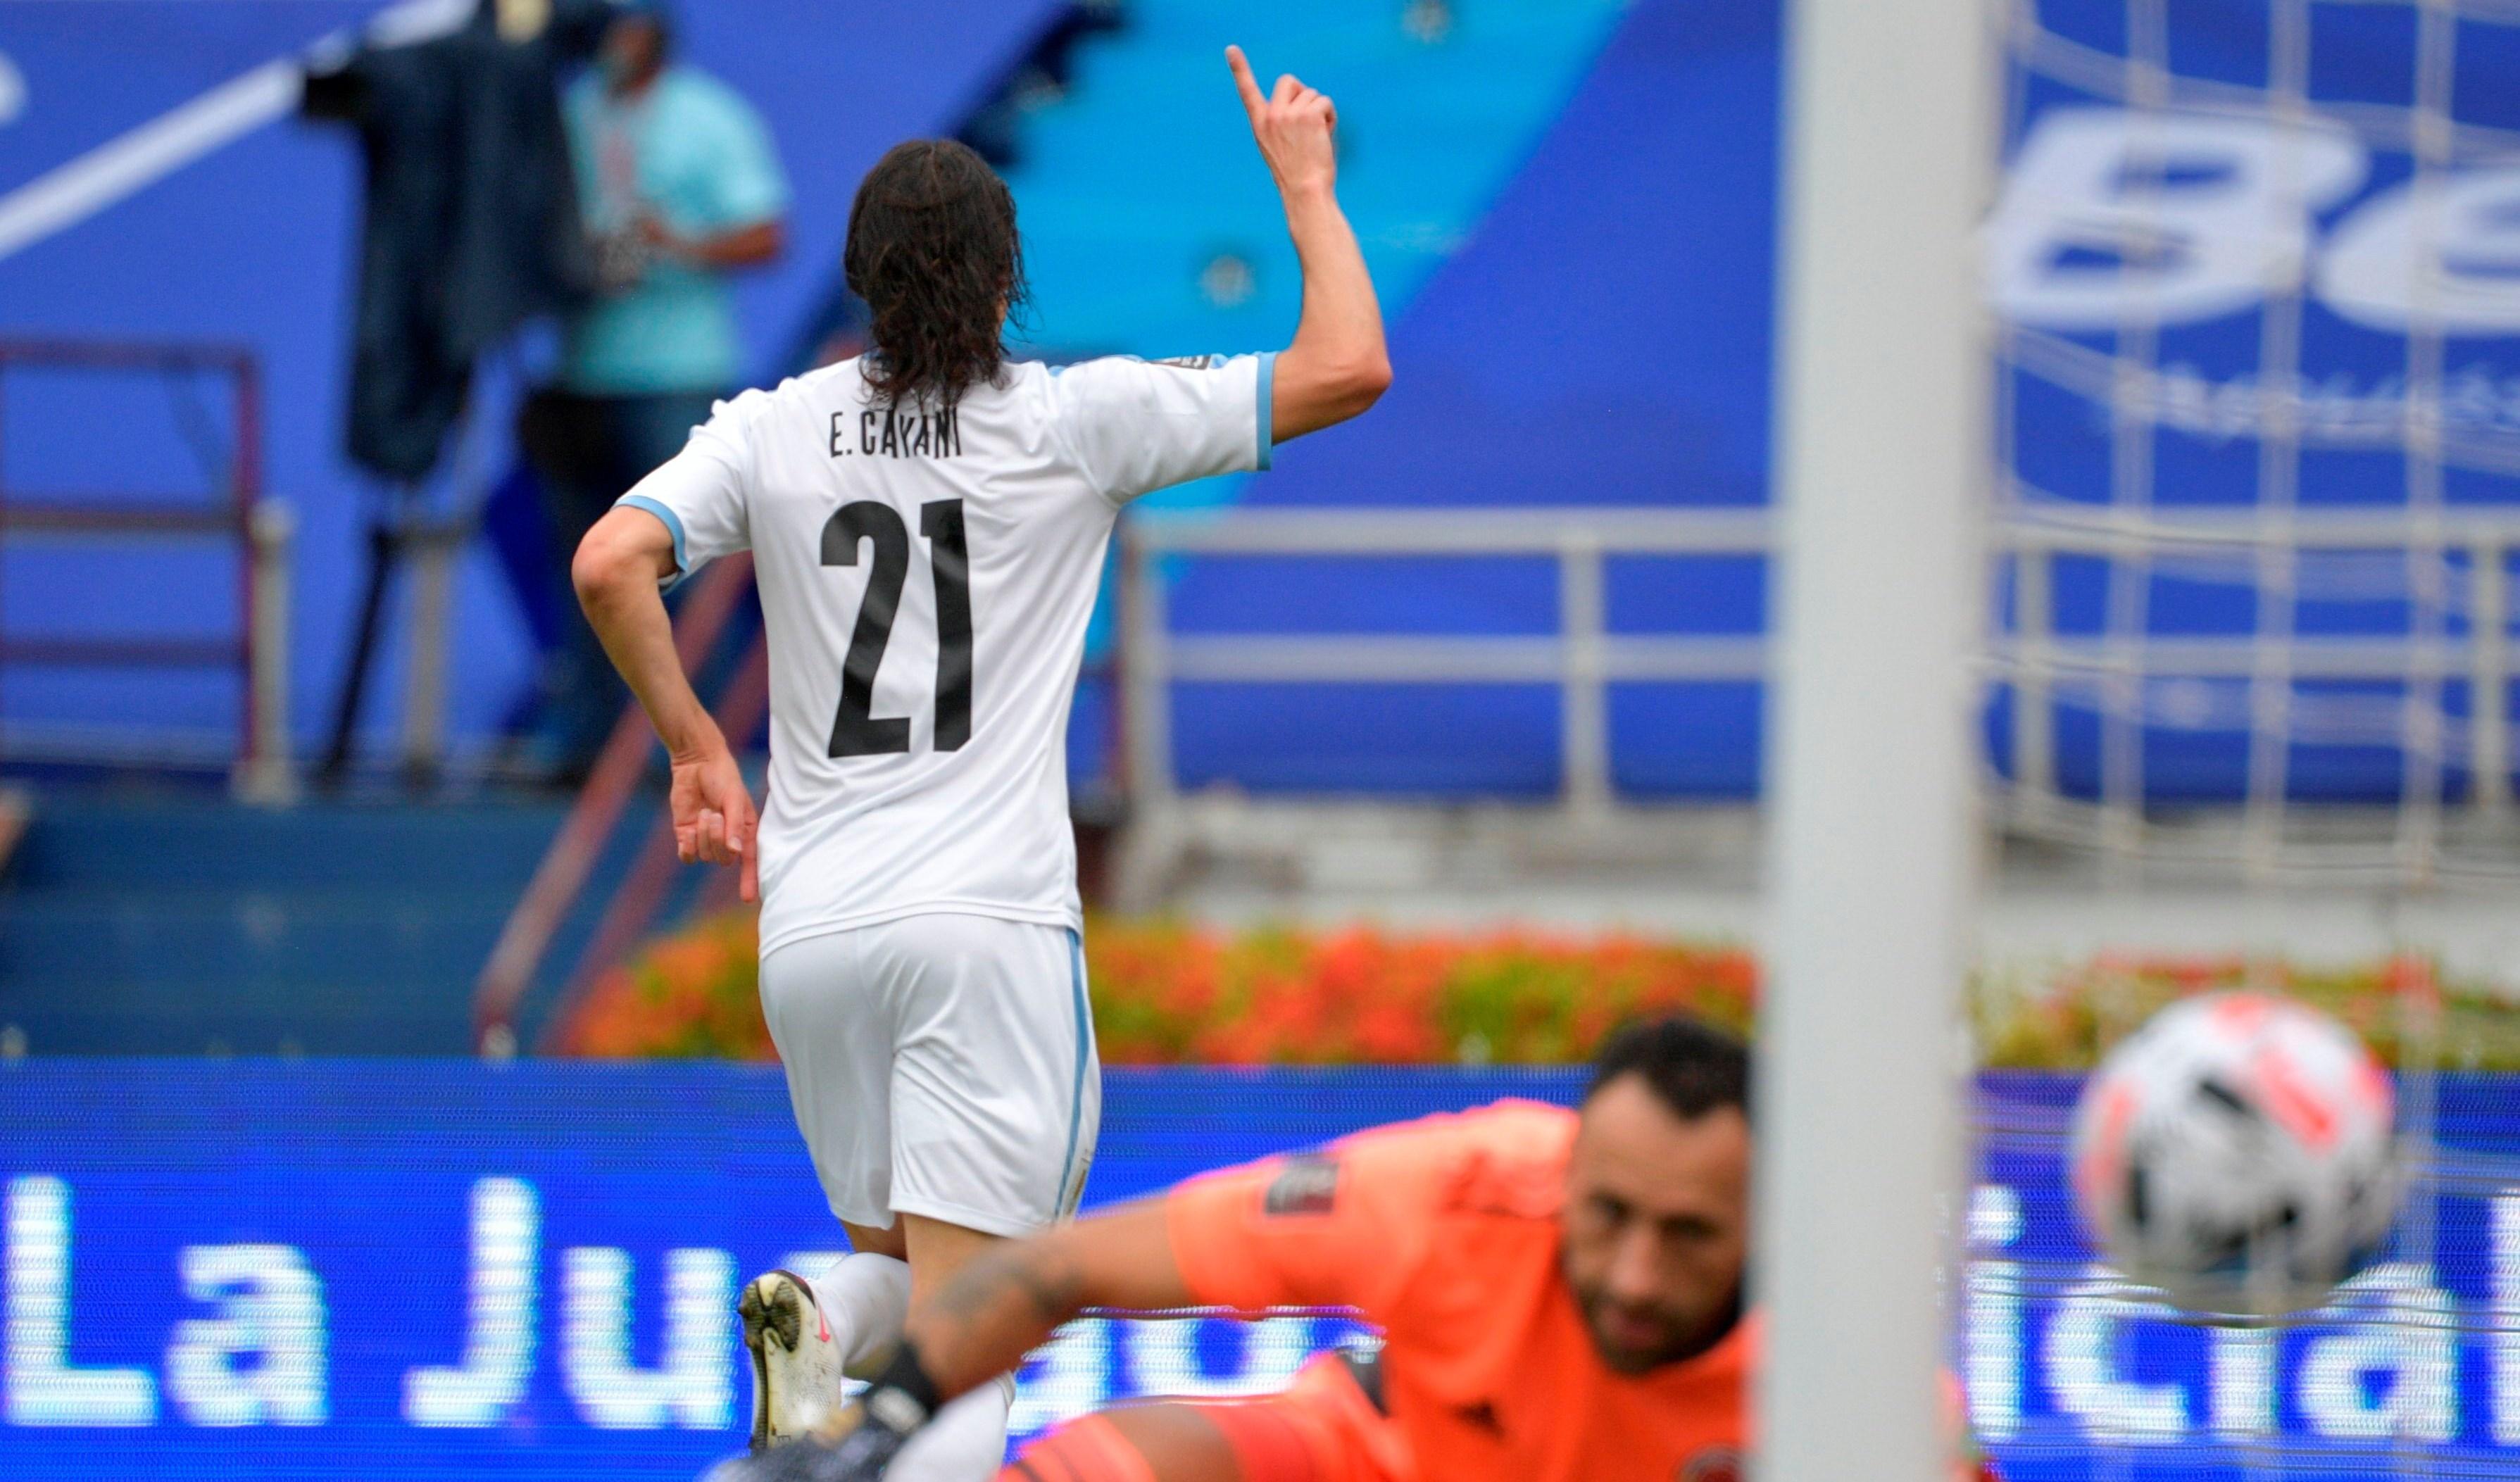 كافاني بعد تسجيله هدف المباراة الأولى